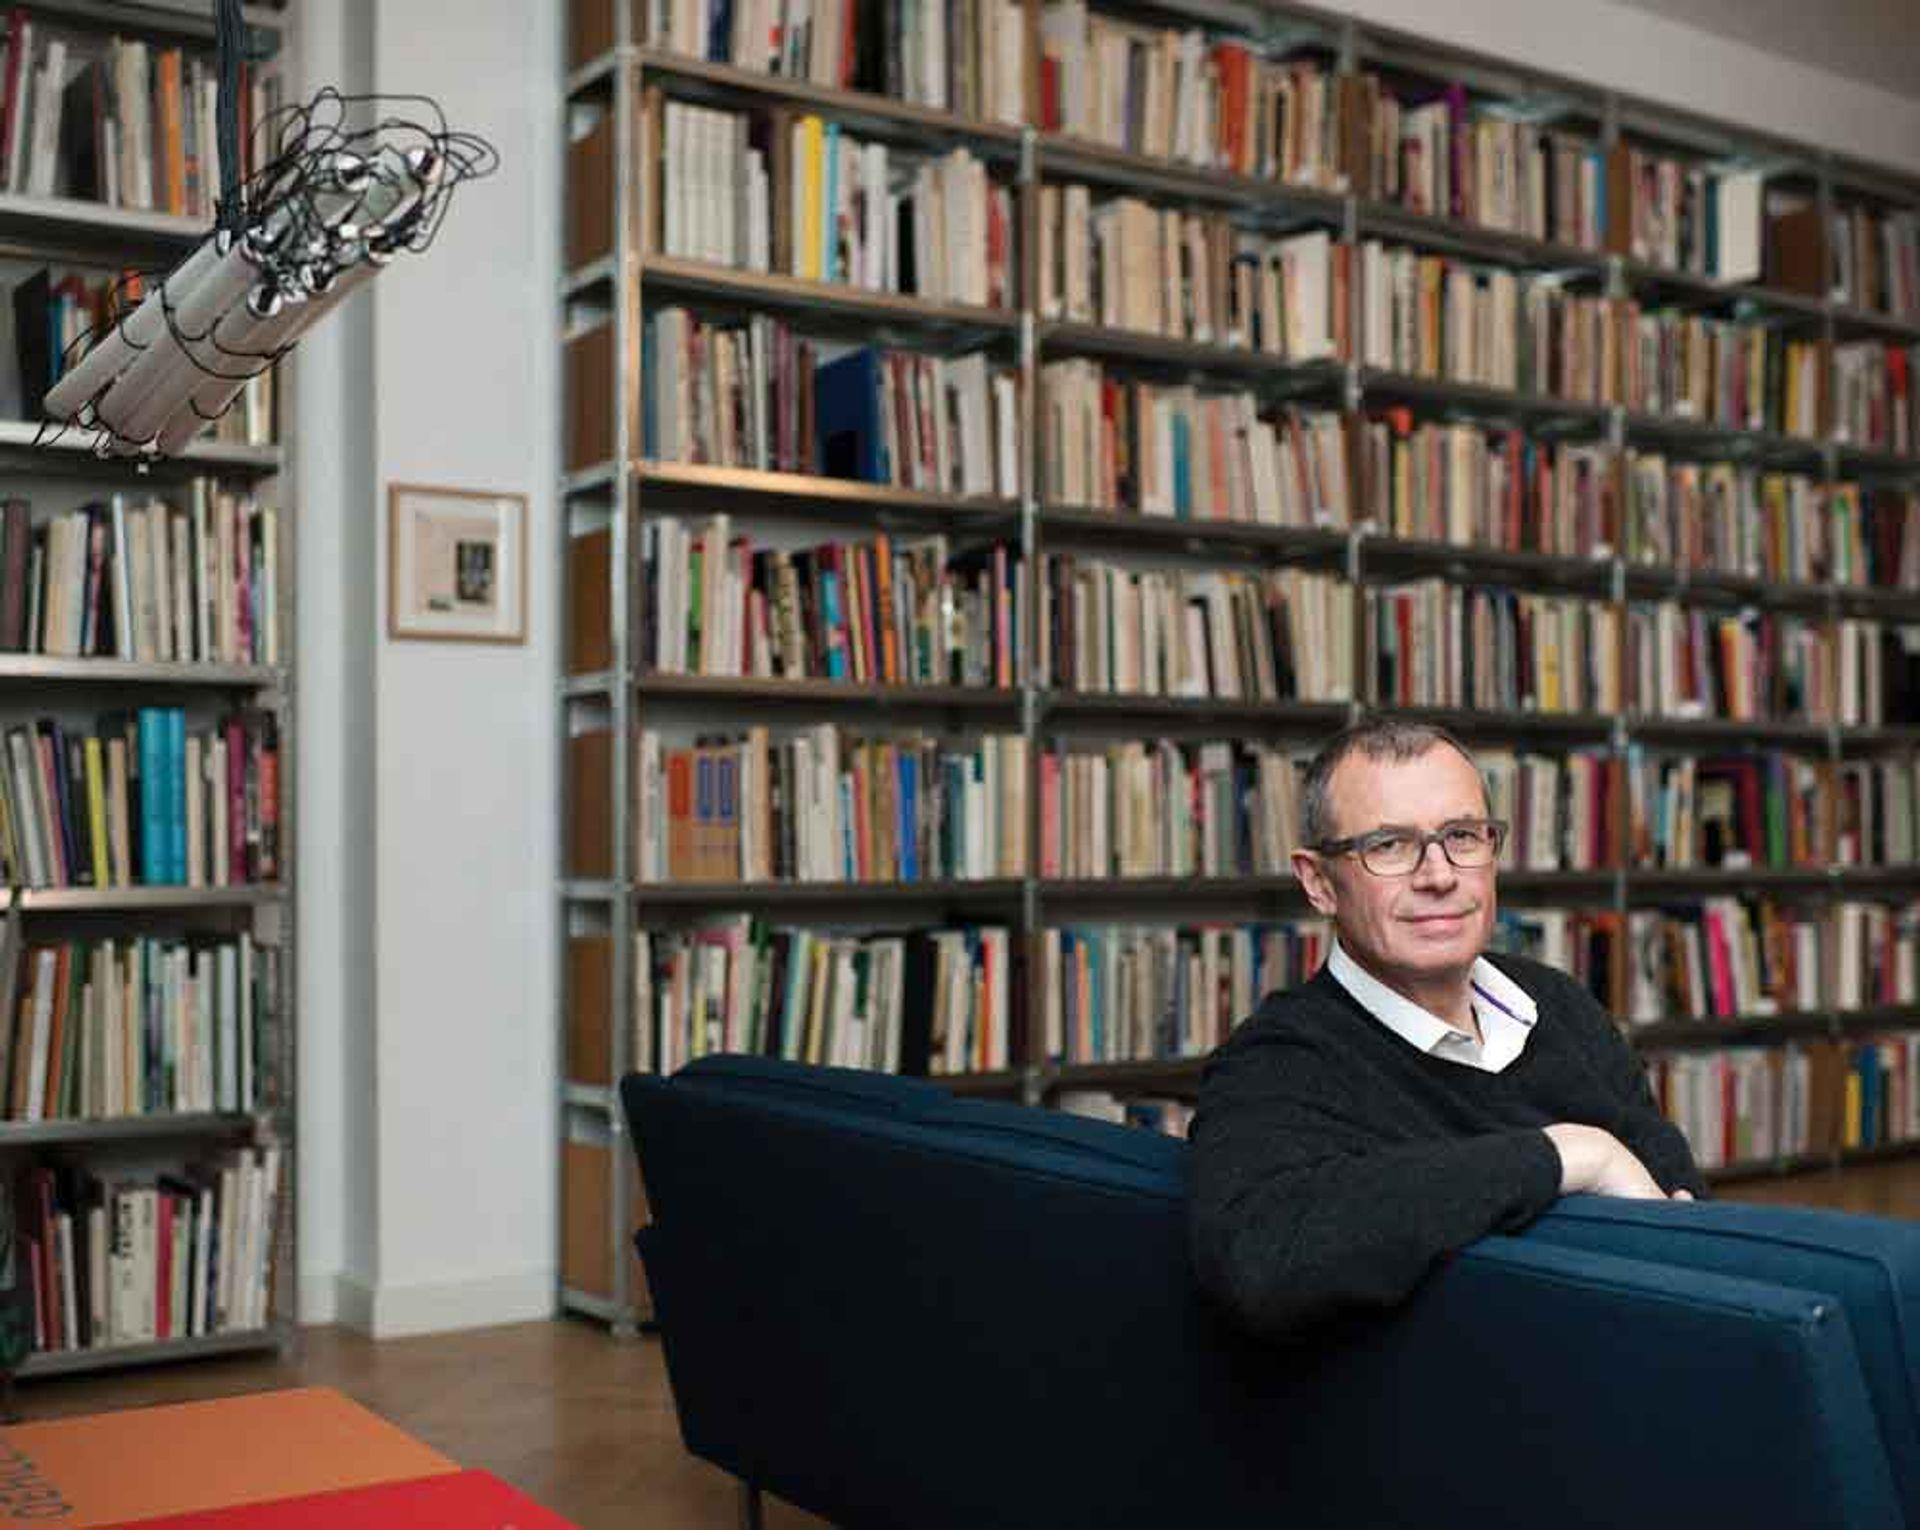 Max Hetzler in Berlin © Thomas Meyer/OSTKREUZ